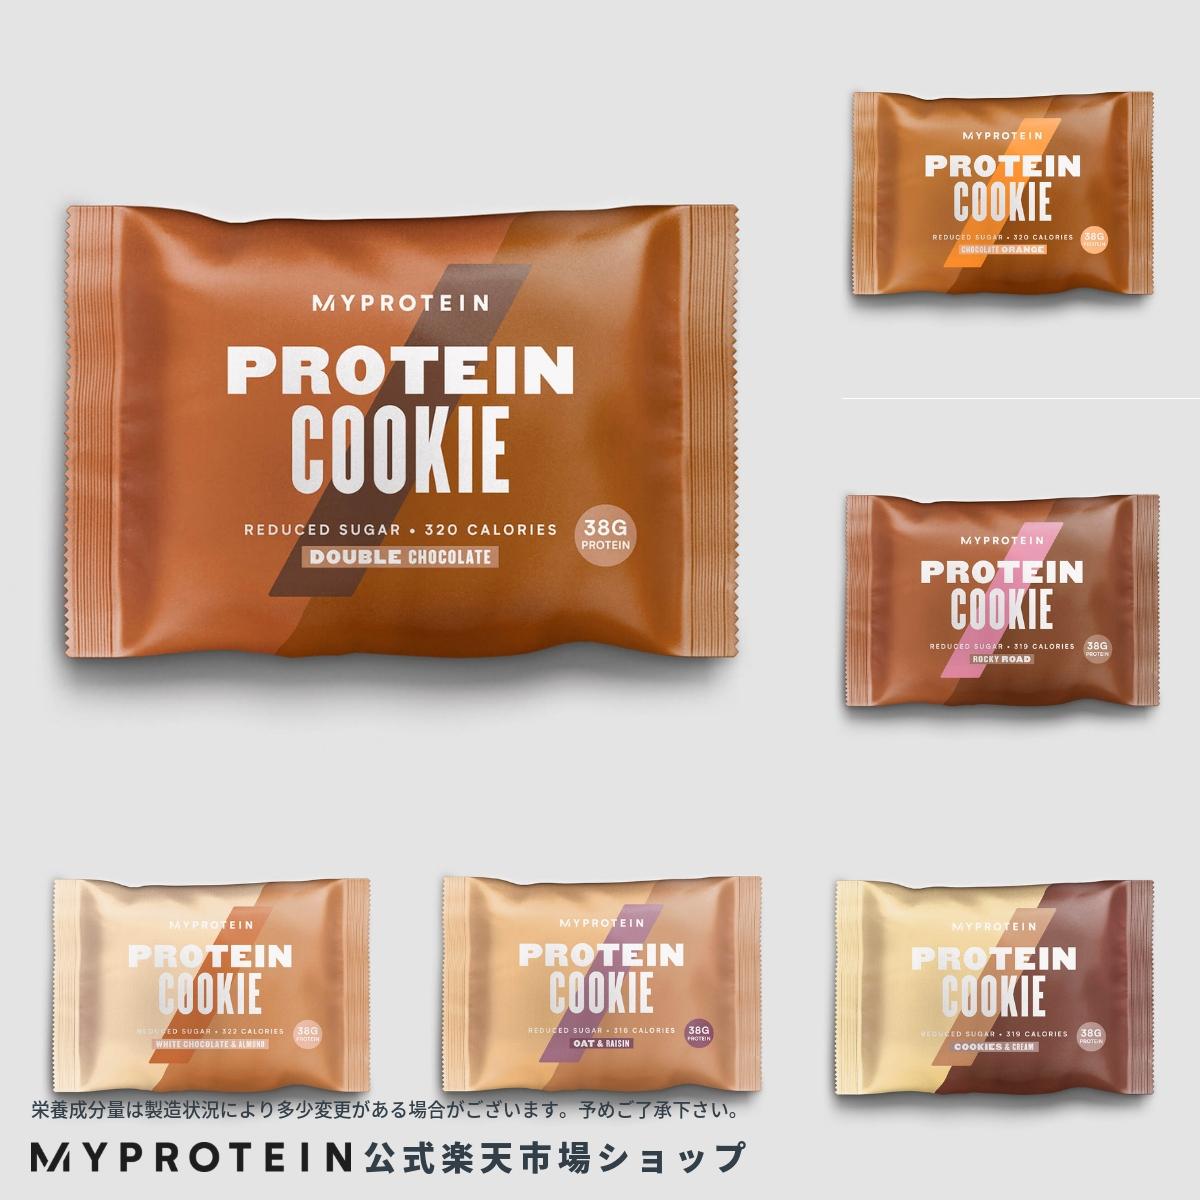 マイプロテイン 公式 【MyProtein】 プロテイン クッキー 12個入| プロテインバー プロテインスナック 低糖質 糖質制限 低糖 低脂肪 高たんぱく チョコ バニラ ベイクドチョコ【楽天海外直送】